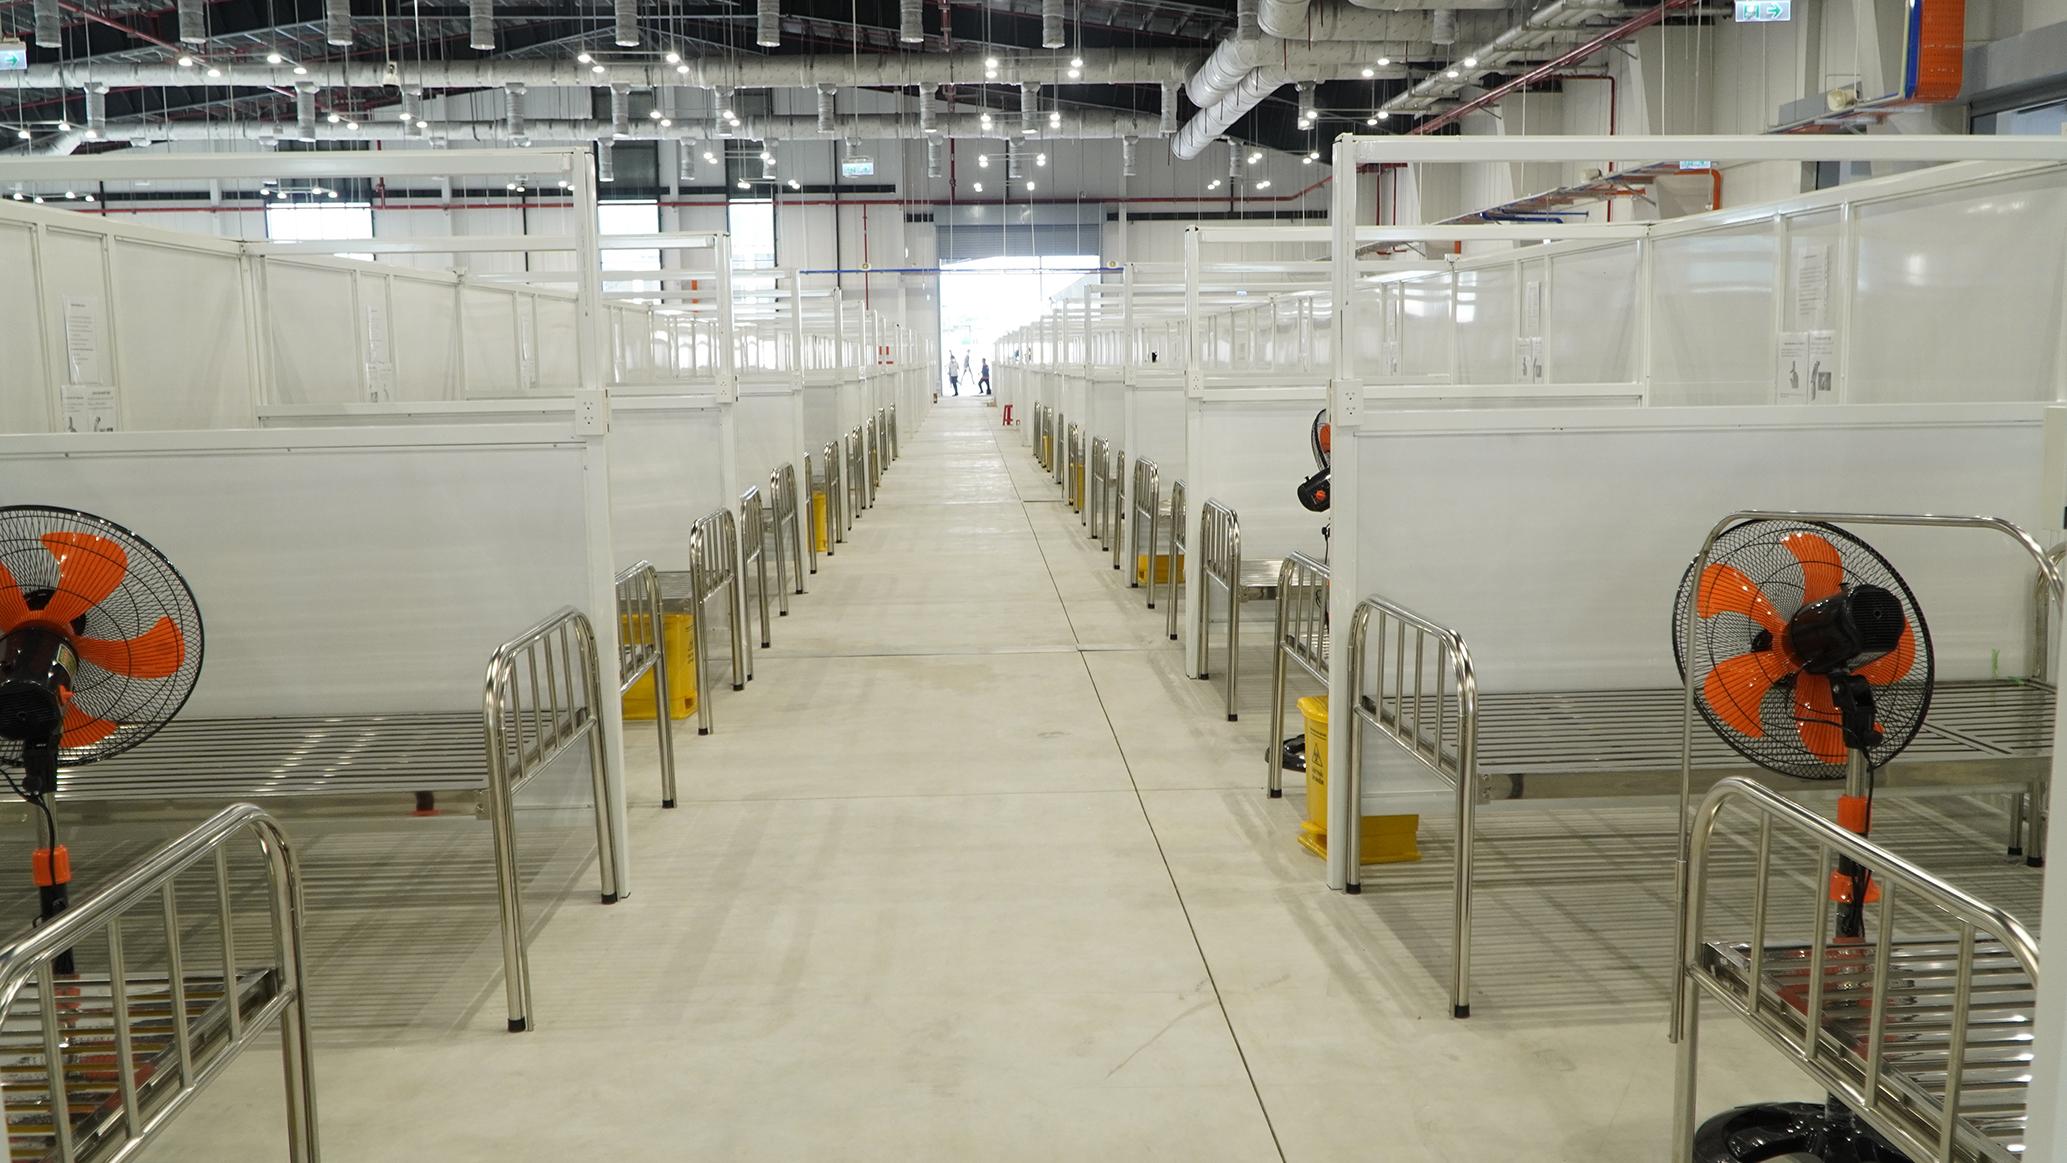 Bệnh viện dã chiến ở TP Thủ Dầu Một với 1.500 giường. Ảnh: Thái Hà